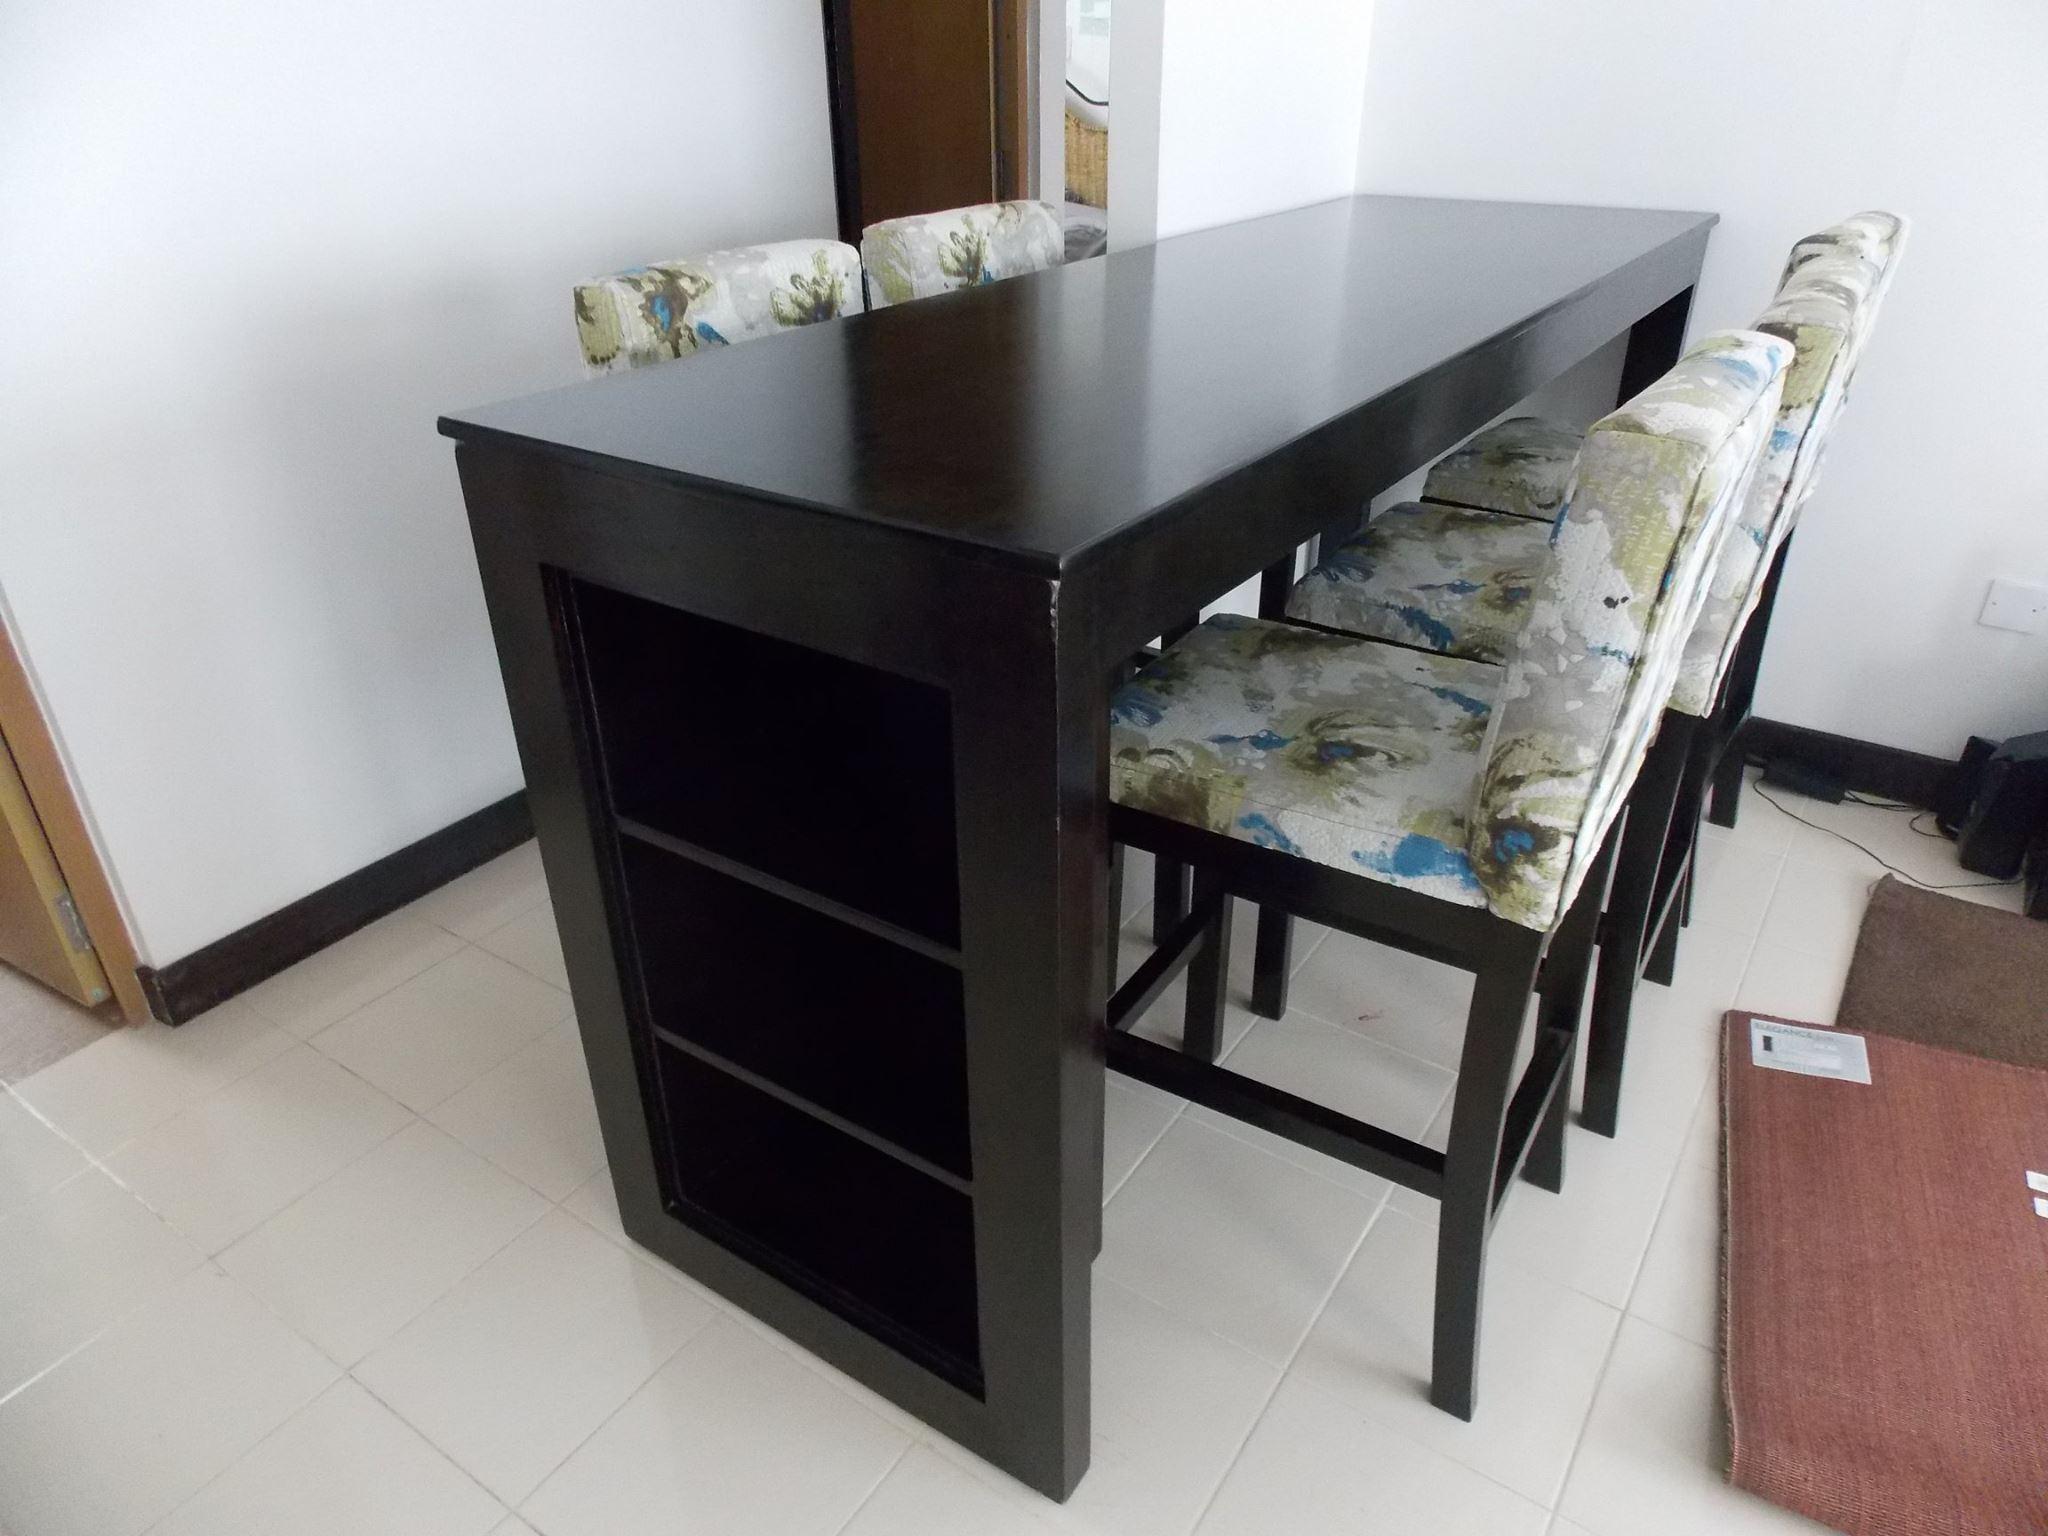 Familien-Esszimmer-Sets mit erstaunlicher Verarbeitung und Design Gutes Hhenverhltnis und gut ausgearbeitete ergonomische Eigenschaften